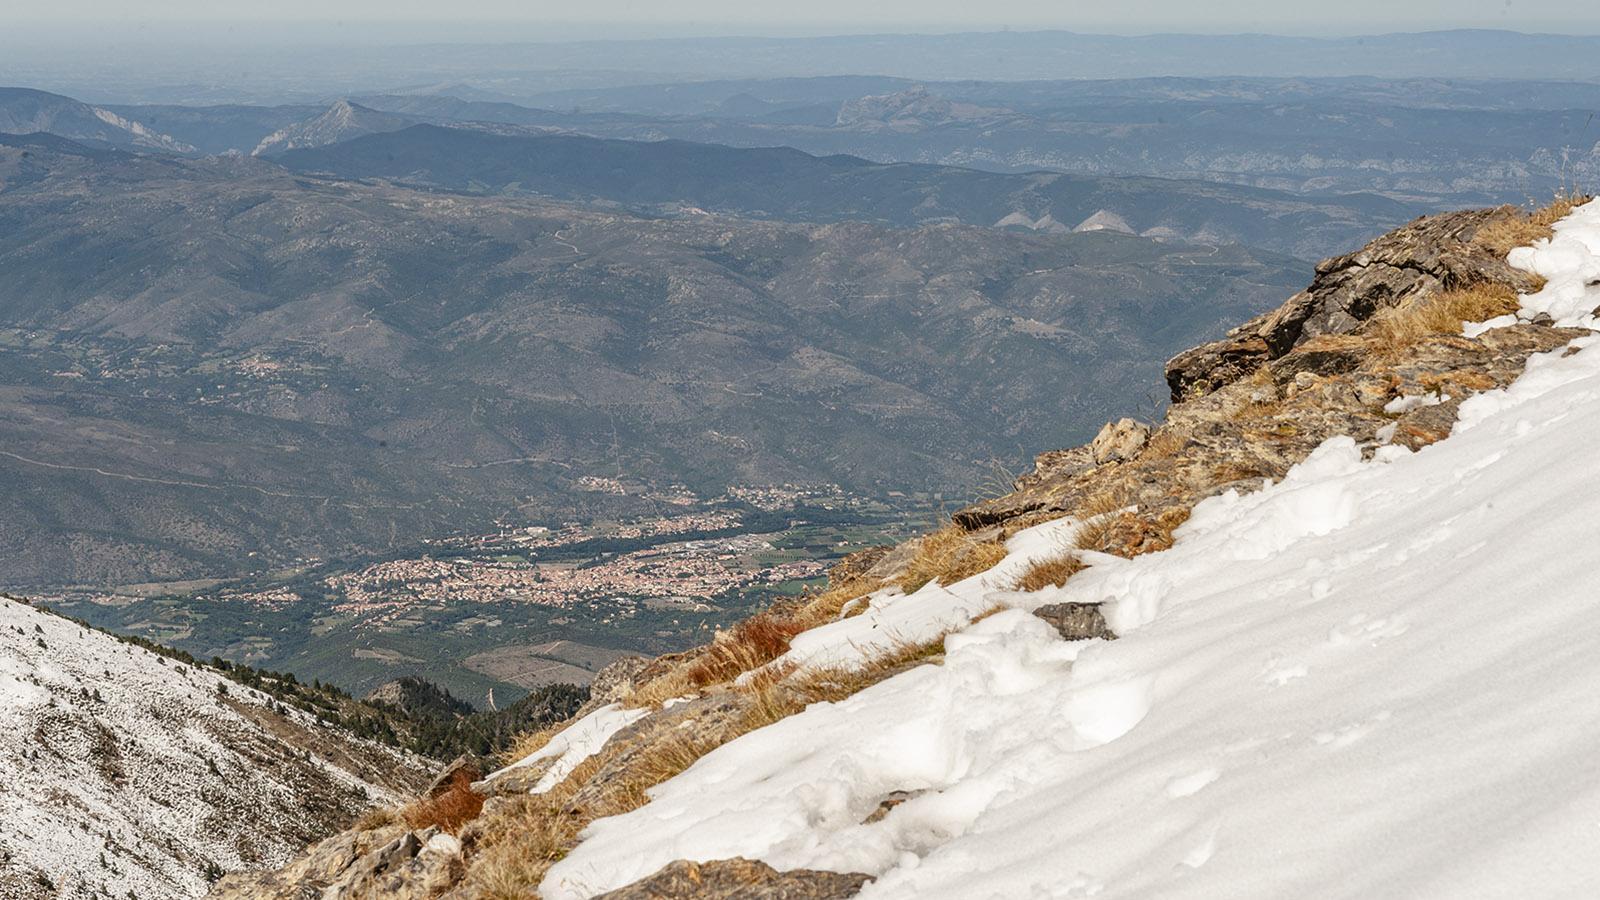 Canigo: Blick von der Porteille de Valmanya auf Prades im Tal der Têt. Foto: Hilke Maunder